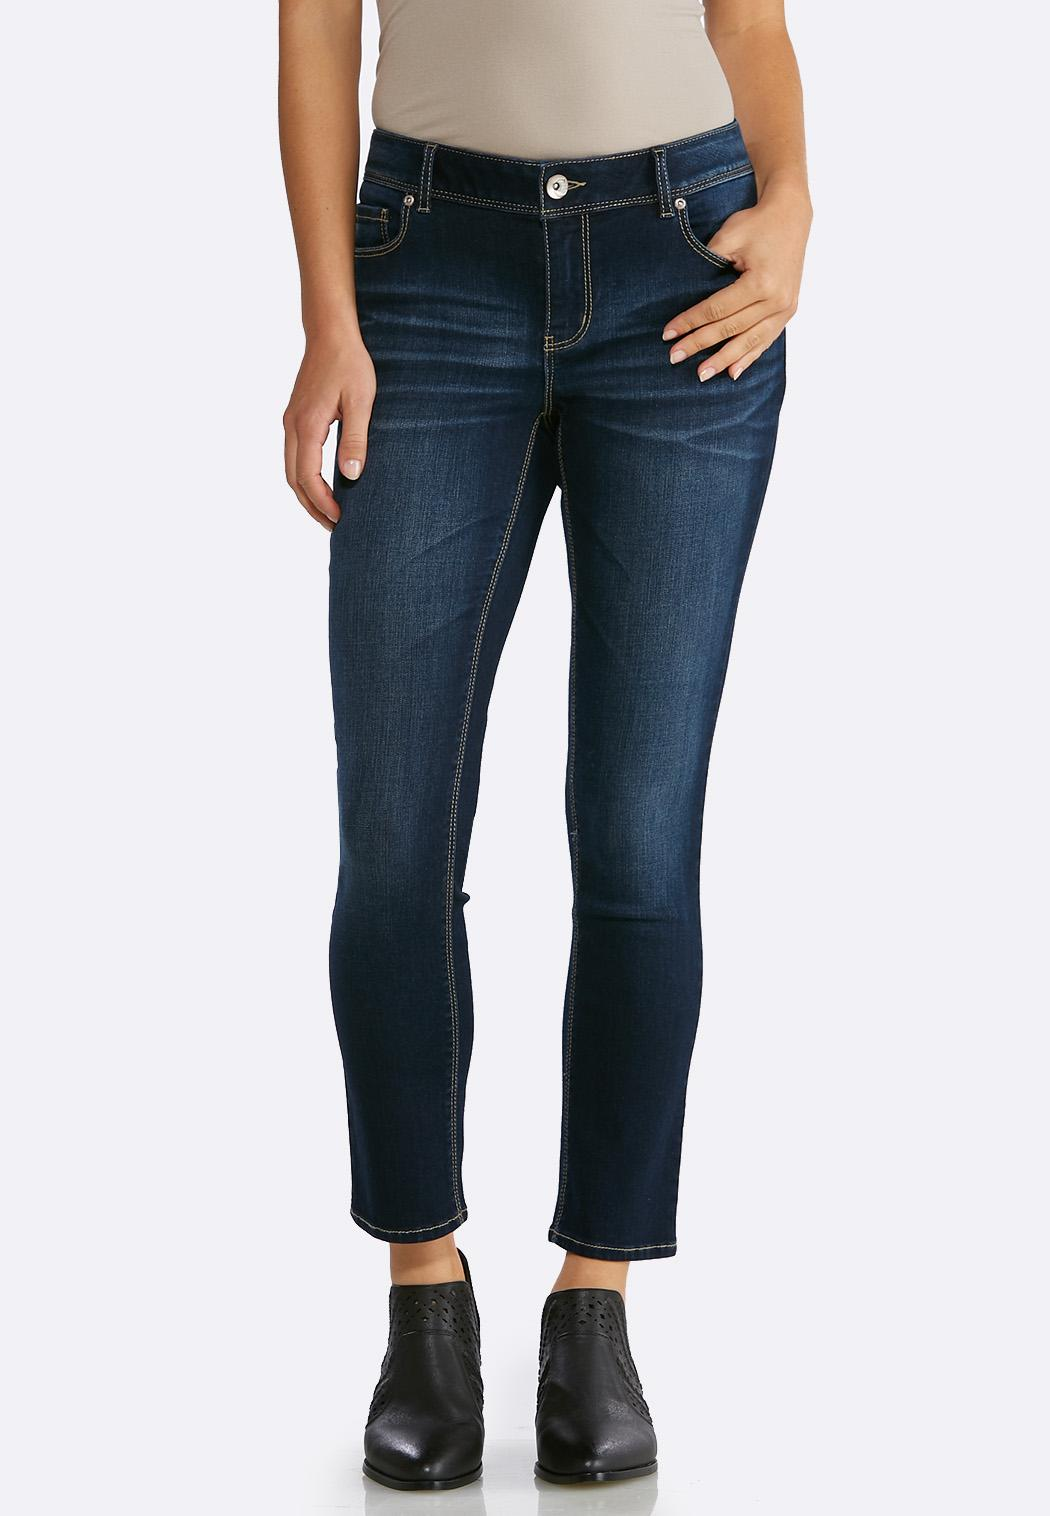 Dark Skinny Ankle Jeans